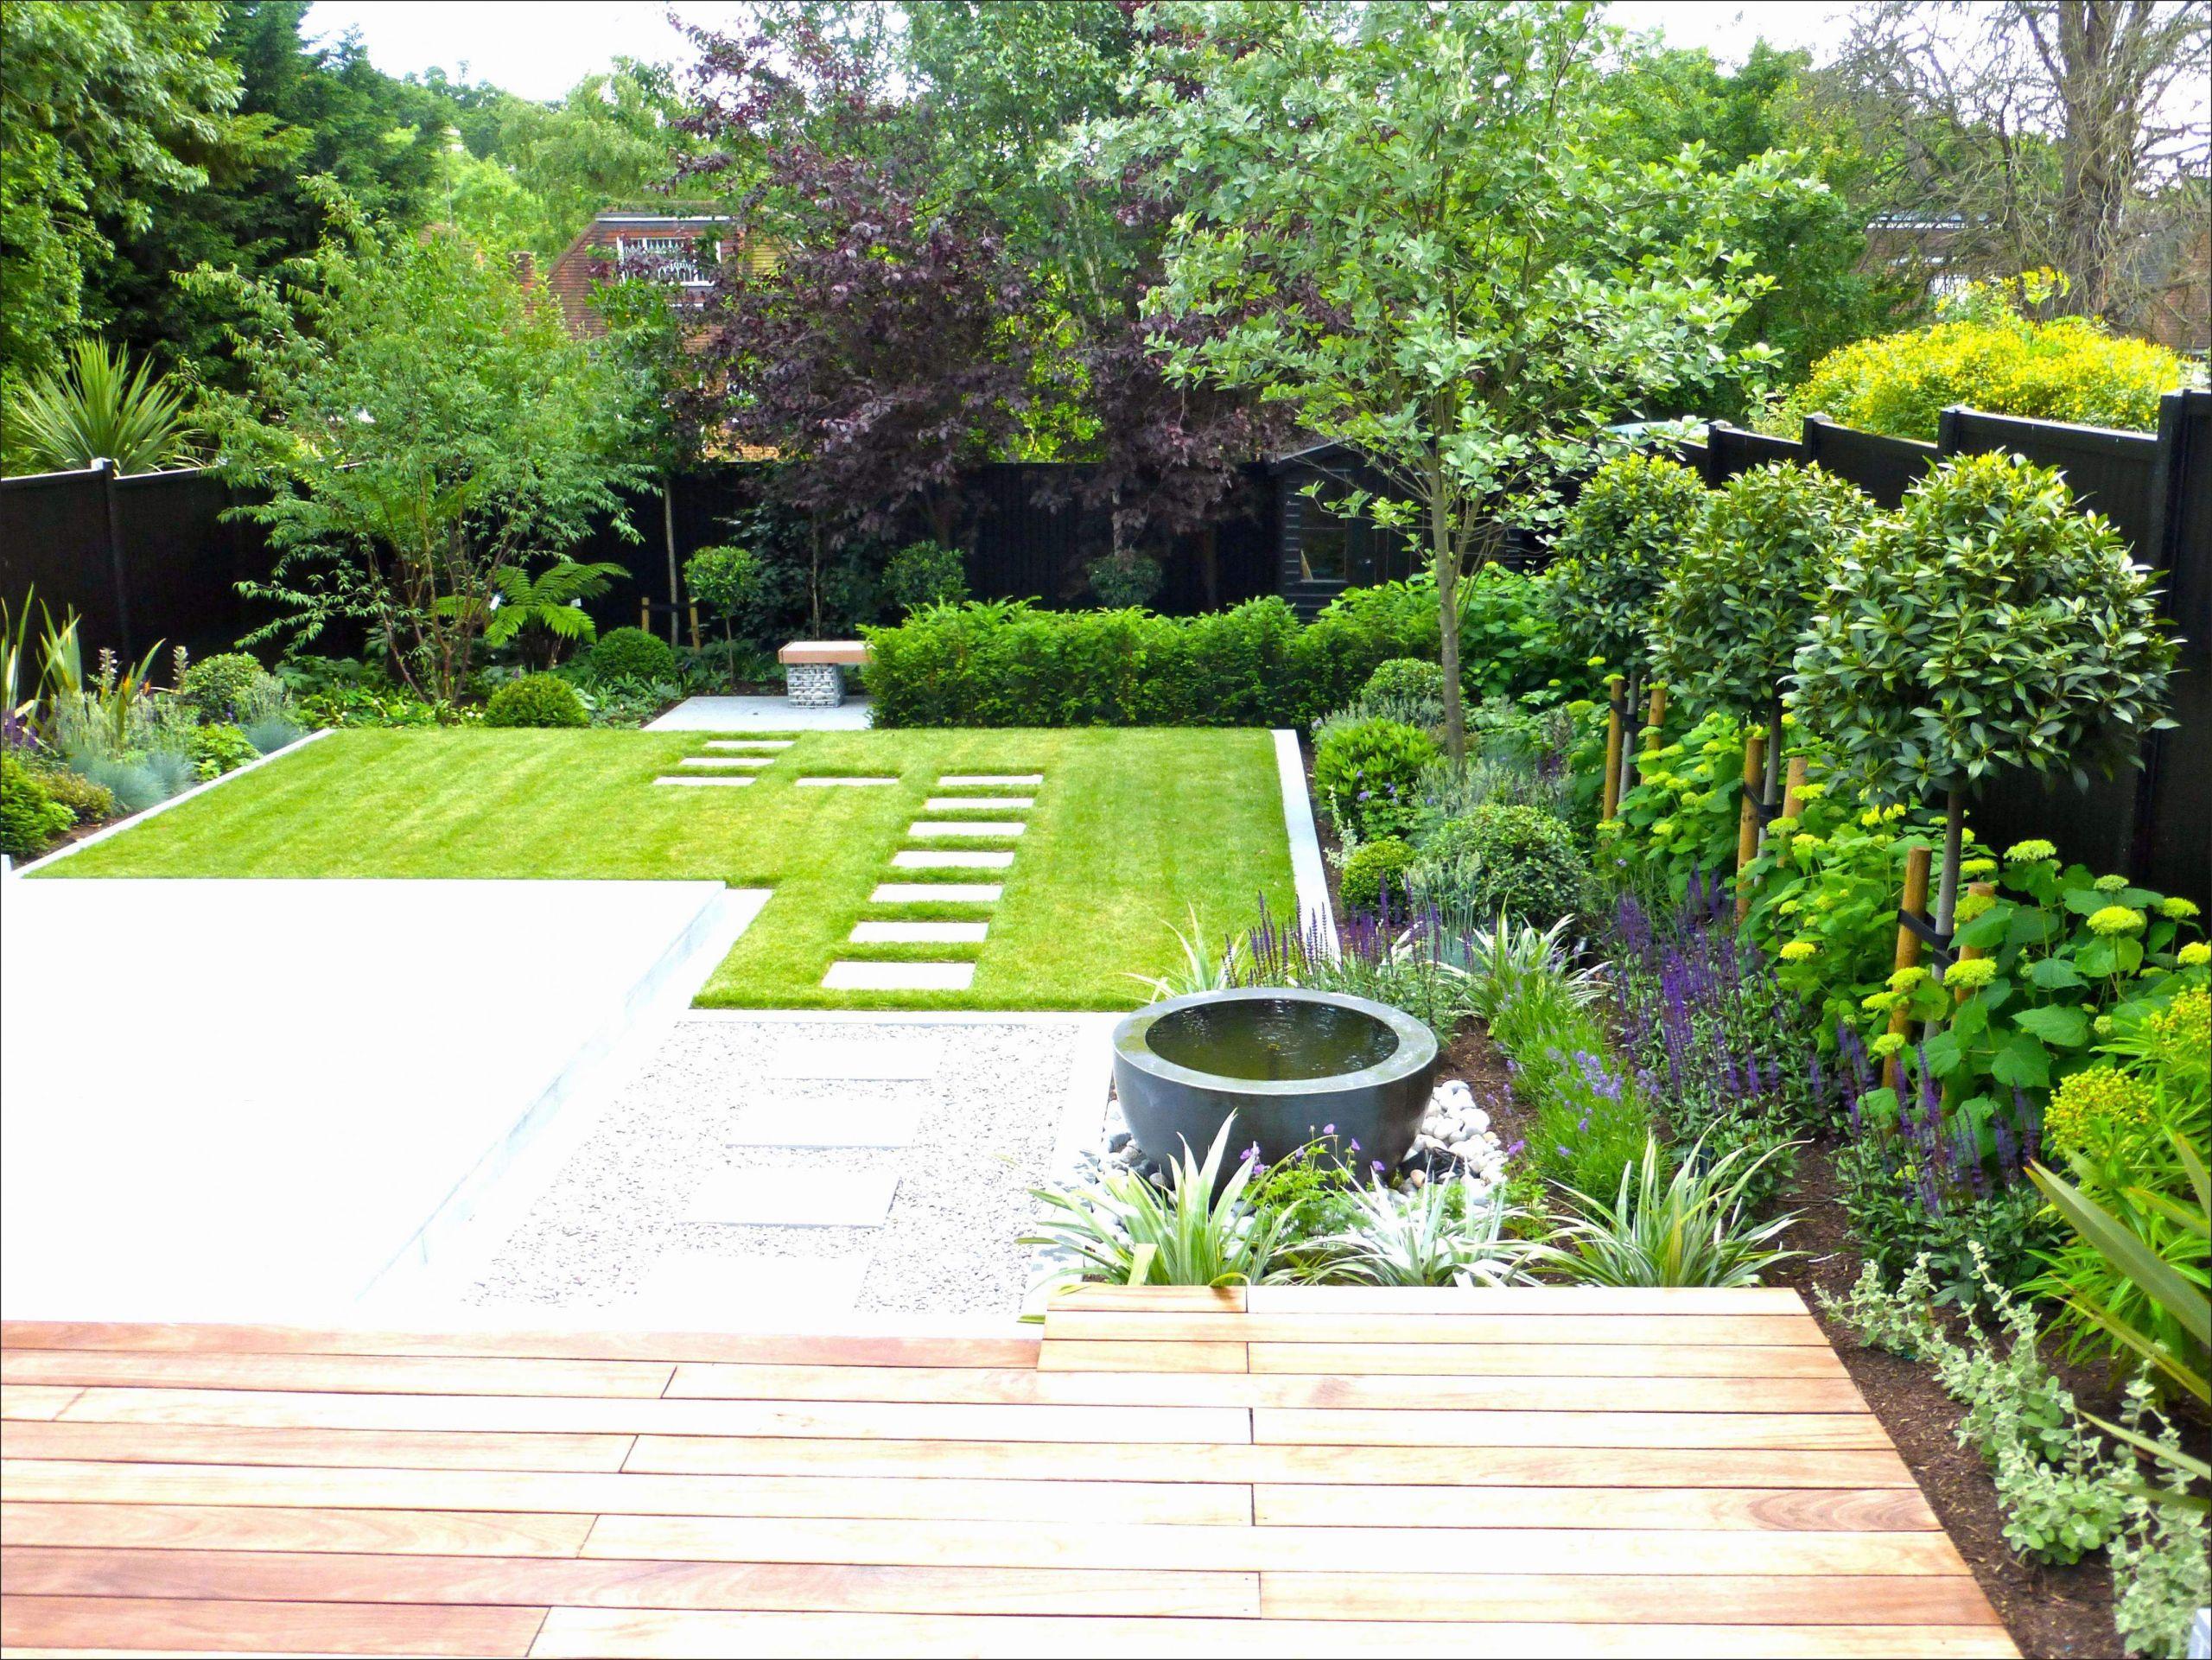 Großer Garten Gestalten Frisch Kleine Gärten Gestalten Reihenhaus — Temobardz Home Blog